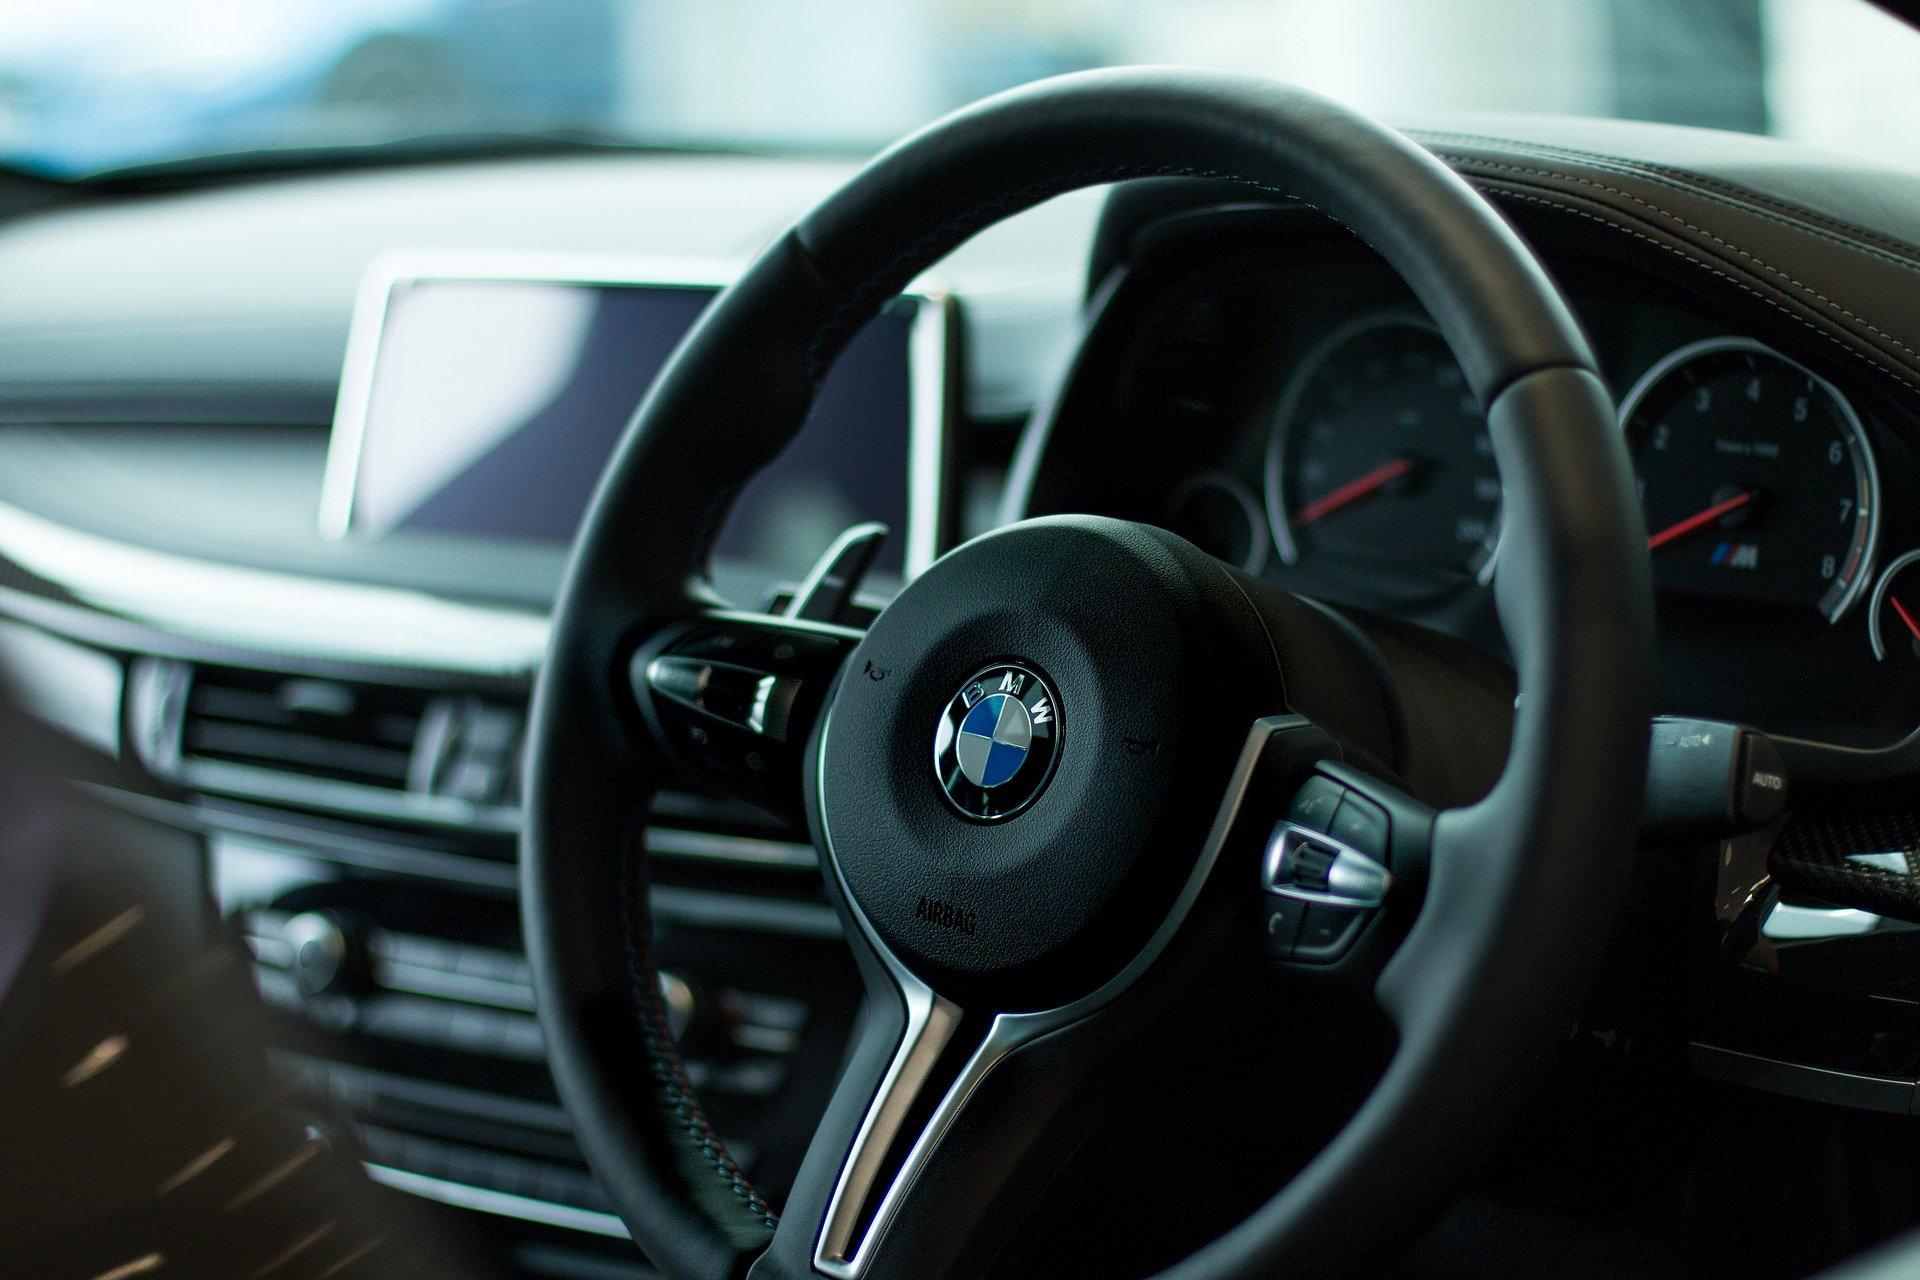 Foto da parte interior de um carro, focado no volante. Imagem ilustrativa para o texto seguro auto para deficiente físico.